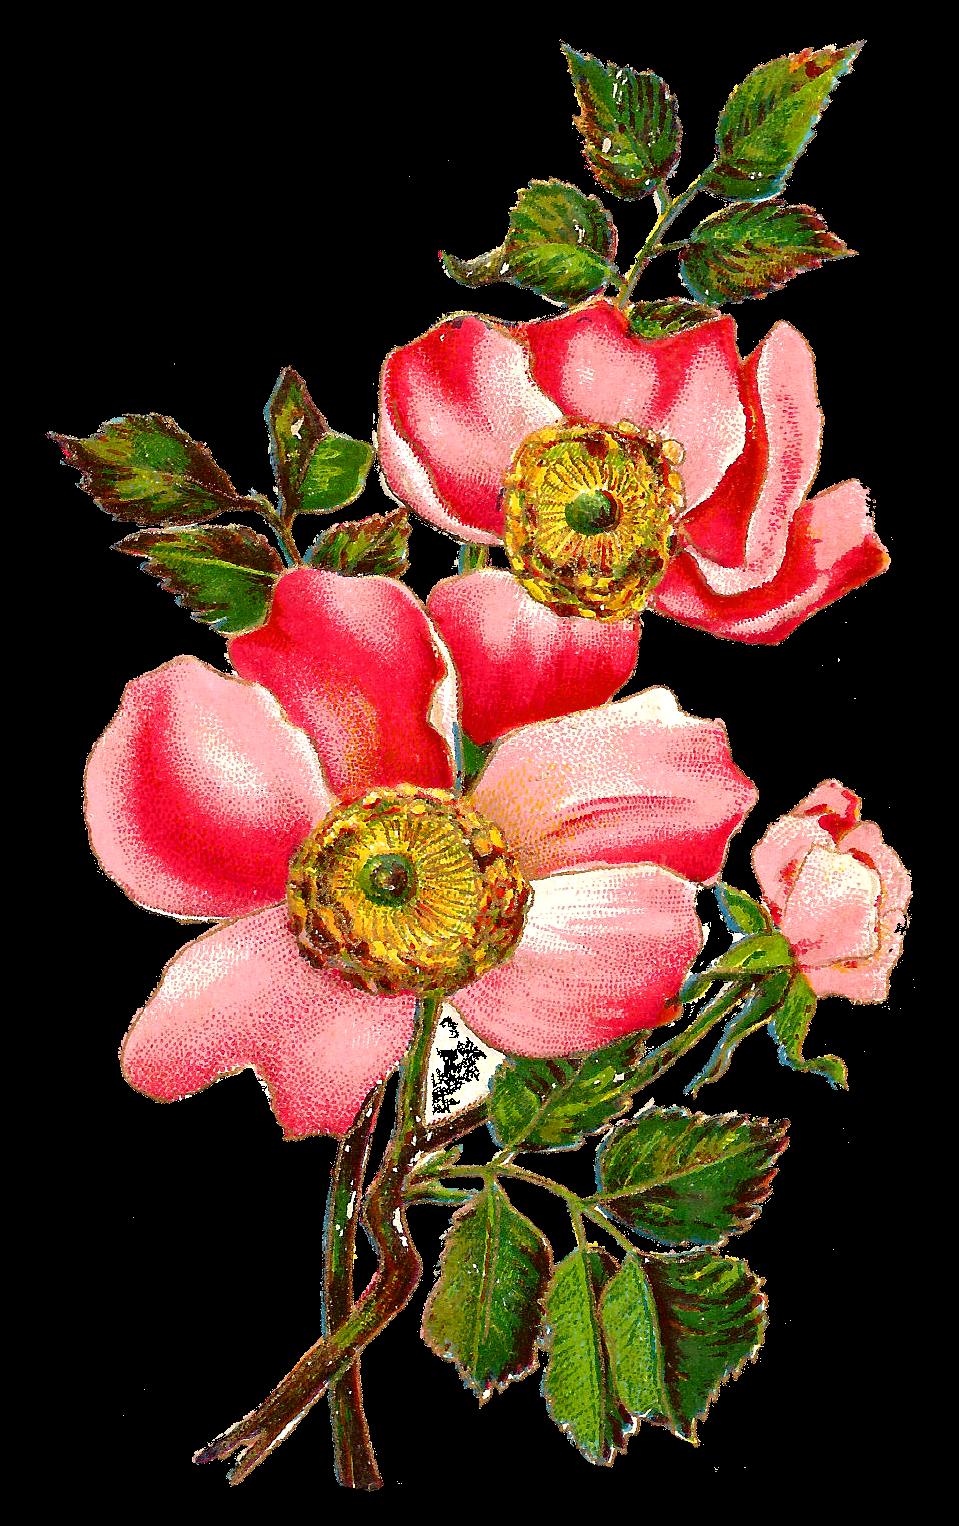 Antique Images: Flower Botanical Art Free Digital Image ...